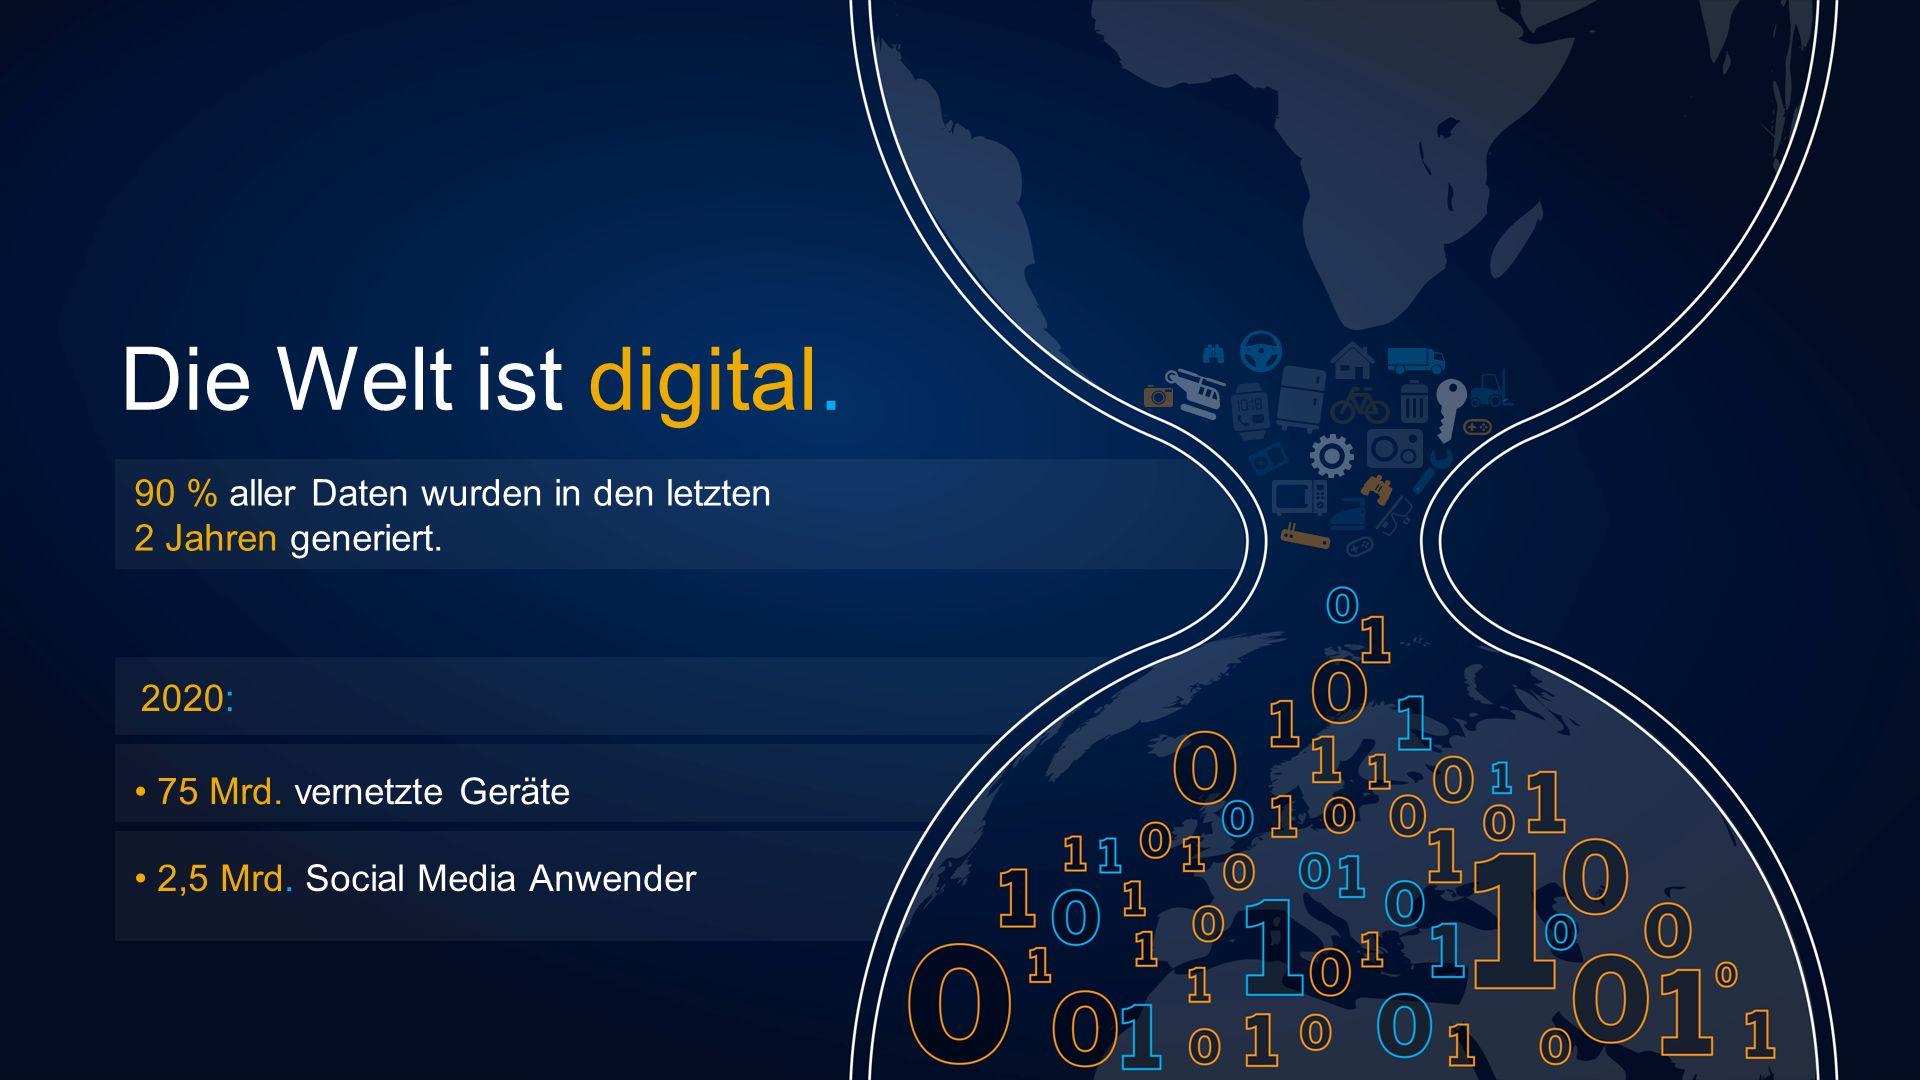 Die Welt ist digital. 2020: 90 % aller Daten wurden in den letzten 2 Jahren generiert. • 75 Mrd. vernetzte Geräte.